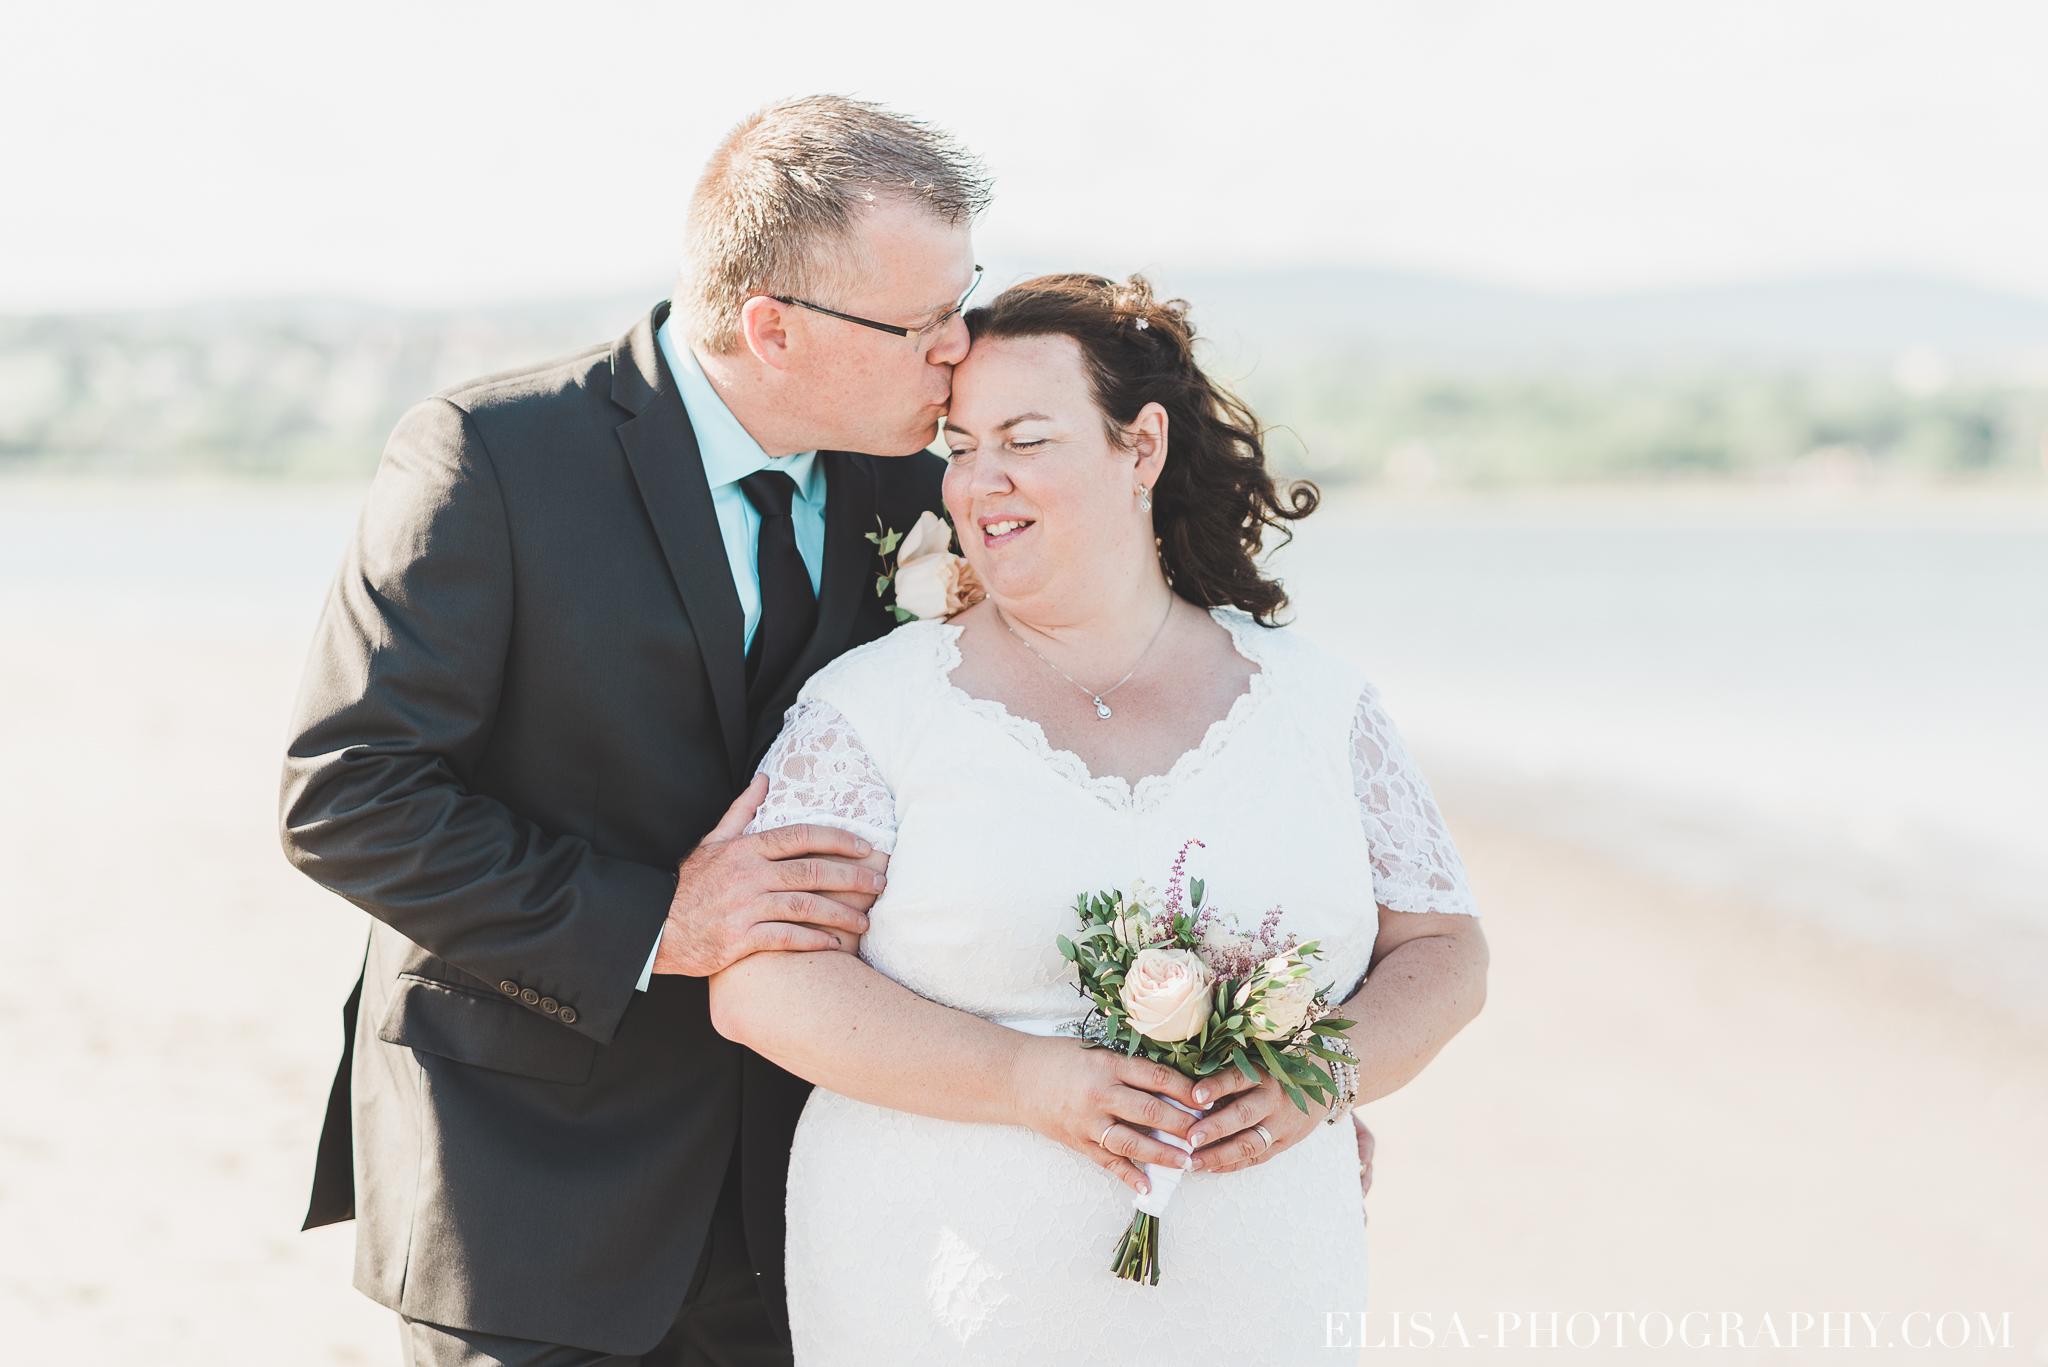 photo mariage portrait couple naturel fleuve riviere plage quai 8414 - Mariage à la plage de la baie de Beauport